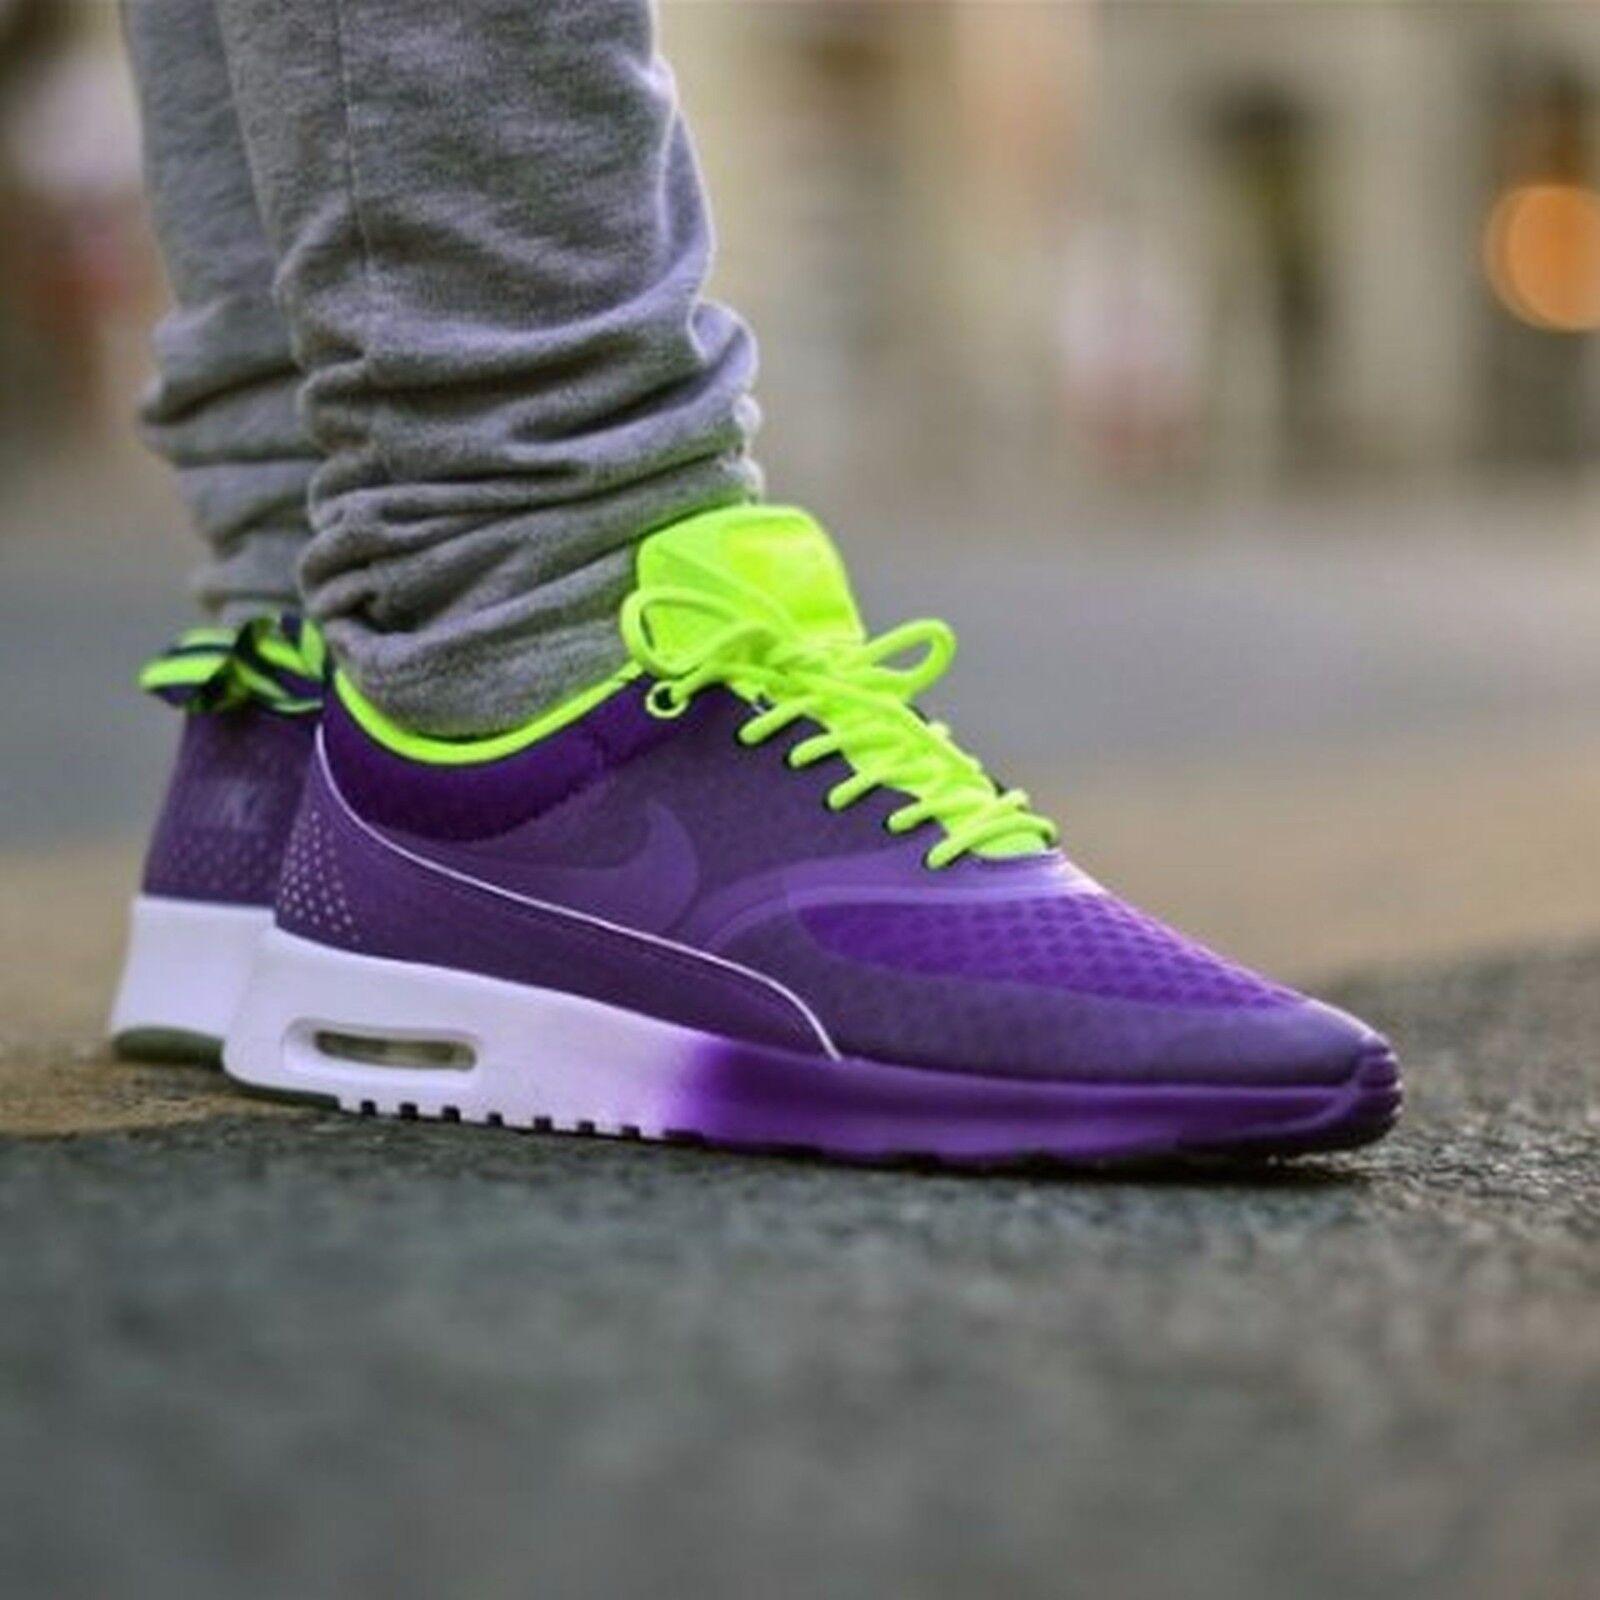 5a67e1d8cf Nike Air Max Thea Woven QS Quickstrike Womens Size 6 627249-500 Electric  Purple